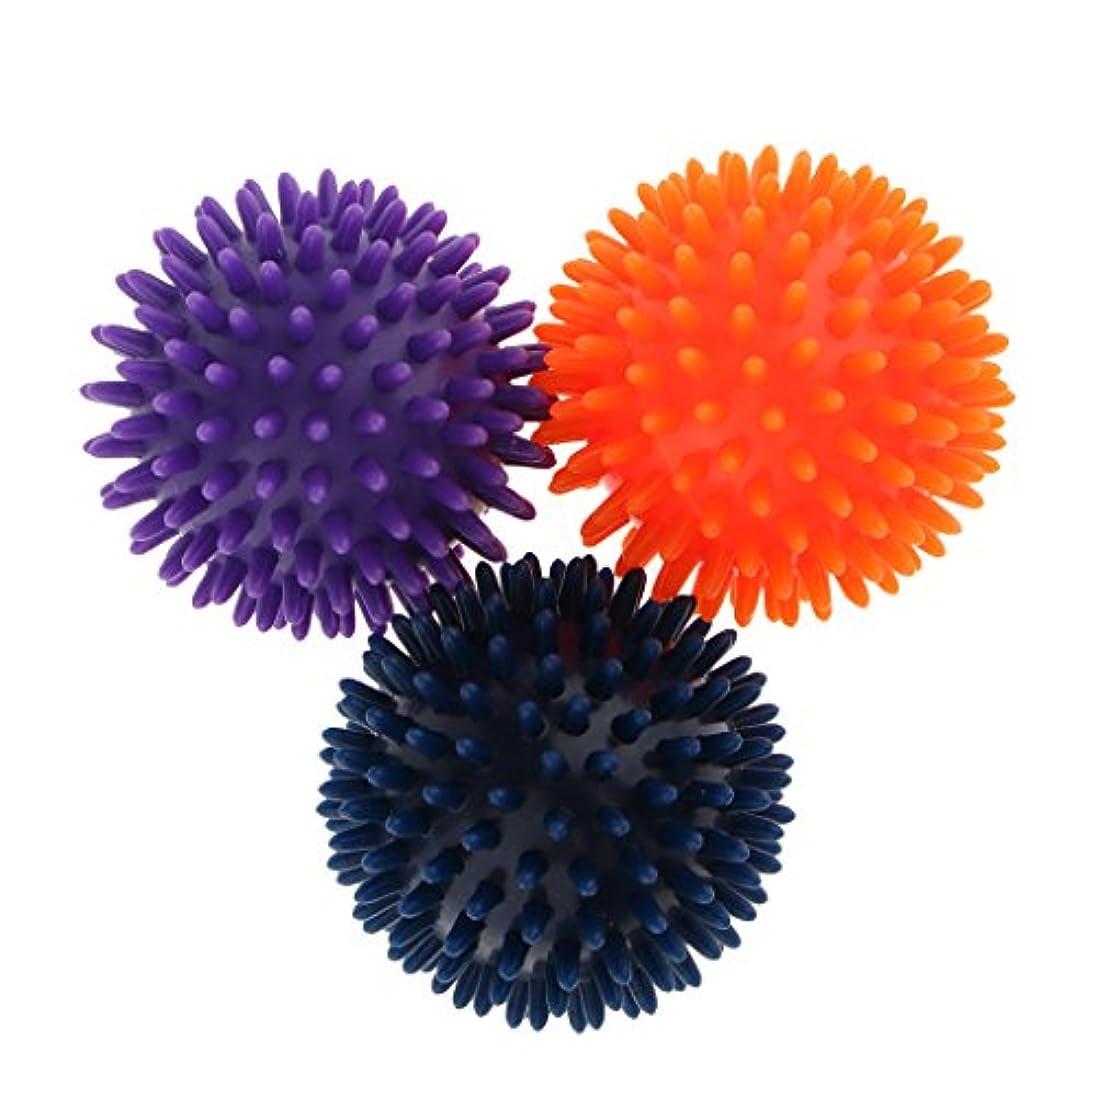 代表フォーラム自発的マッサージボール スパイシー マッサージ ボディトリガー リラックス 3個セット 2タイプ選べ - パープルオレンジブルー, 8cm